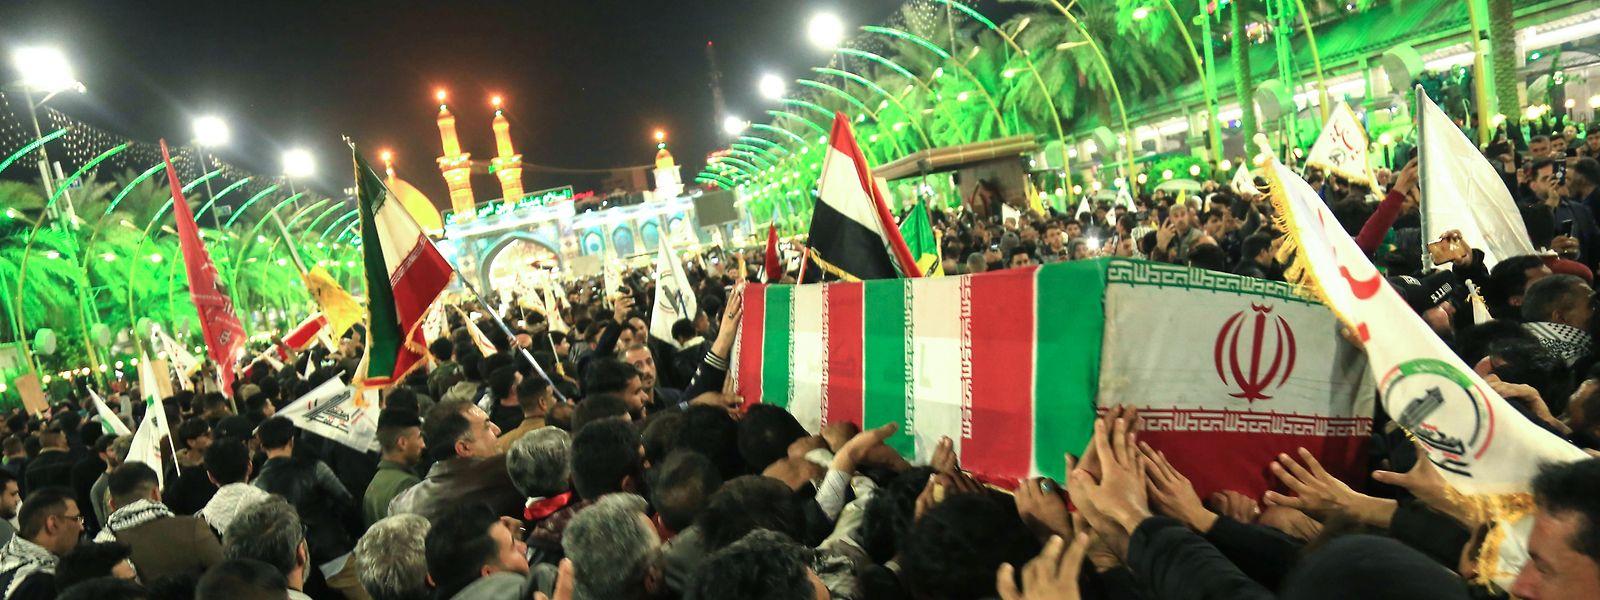 Kummer und Wut bermischen sich bei den Trauerzügen des getöteten iranischen Generals Soleimani.